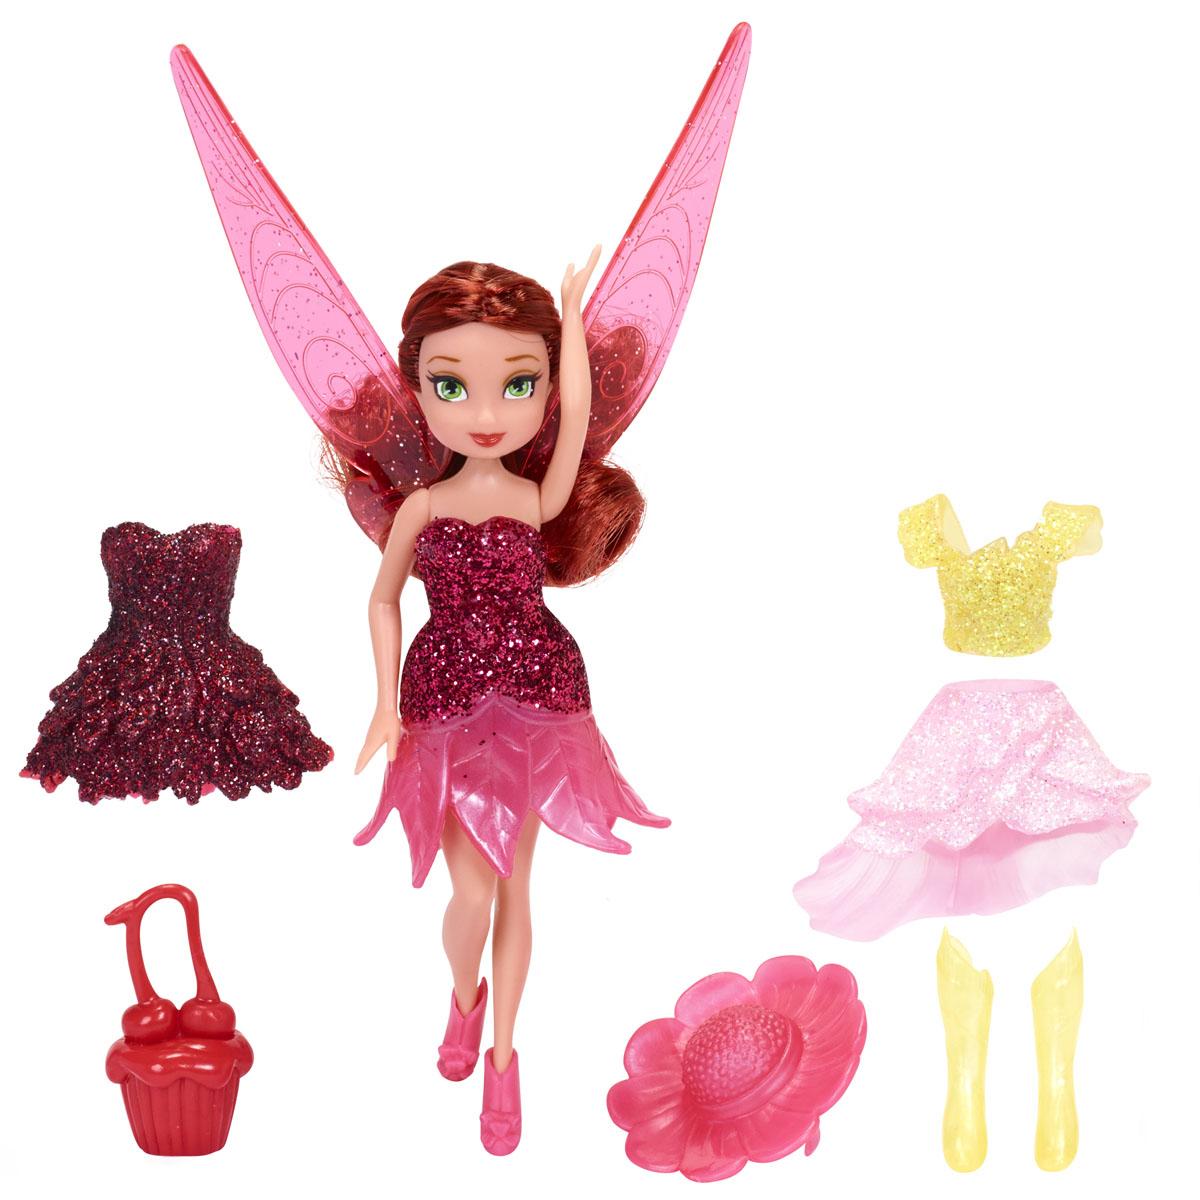 Кукла Disney Fairies Rosettas Pixie Sparkle Fashions, с аксессуарами, 11 см818020Очаровательная кукла Disney Fairies Rosettas Pixie Sparkle Fashions порадует любую девочку и обязательно станет ее любимой игрушкой. Кукла выполнена из прочного пластика. У нее длинные волосы, которые ваша малышка сможет расчесывать и заплетать. Куколка одета в сверкающее платье феи, очаровательную шляпку в виде цветка, на ножках - полусапожки, а в руках у нее - красная сумочка. Также в комплект входят дополнительные наряды: блестящие топ и юбка, высокие сапожки и бордовое платье с юбочкой в виде лепестков. Завершают сказочный образ полупрозрачные крылья феи. Голова, ручки и ножки куклы подвижны. Игры с куклой способствуют эмоциональному развитию ребенка, а также помогают формировать воображение и художественный вкус. Малышка проведет множество счастливых часов, играя с очаровательной феей. Великолепное качество исполнения делают эту игрушку чудесным подарком к любому празднику.